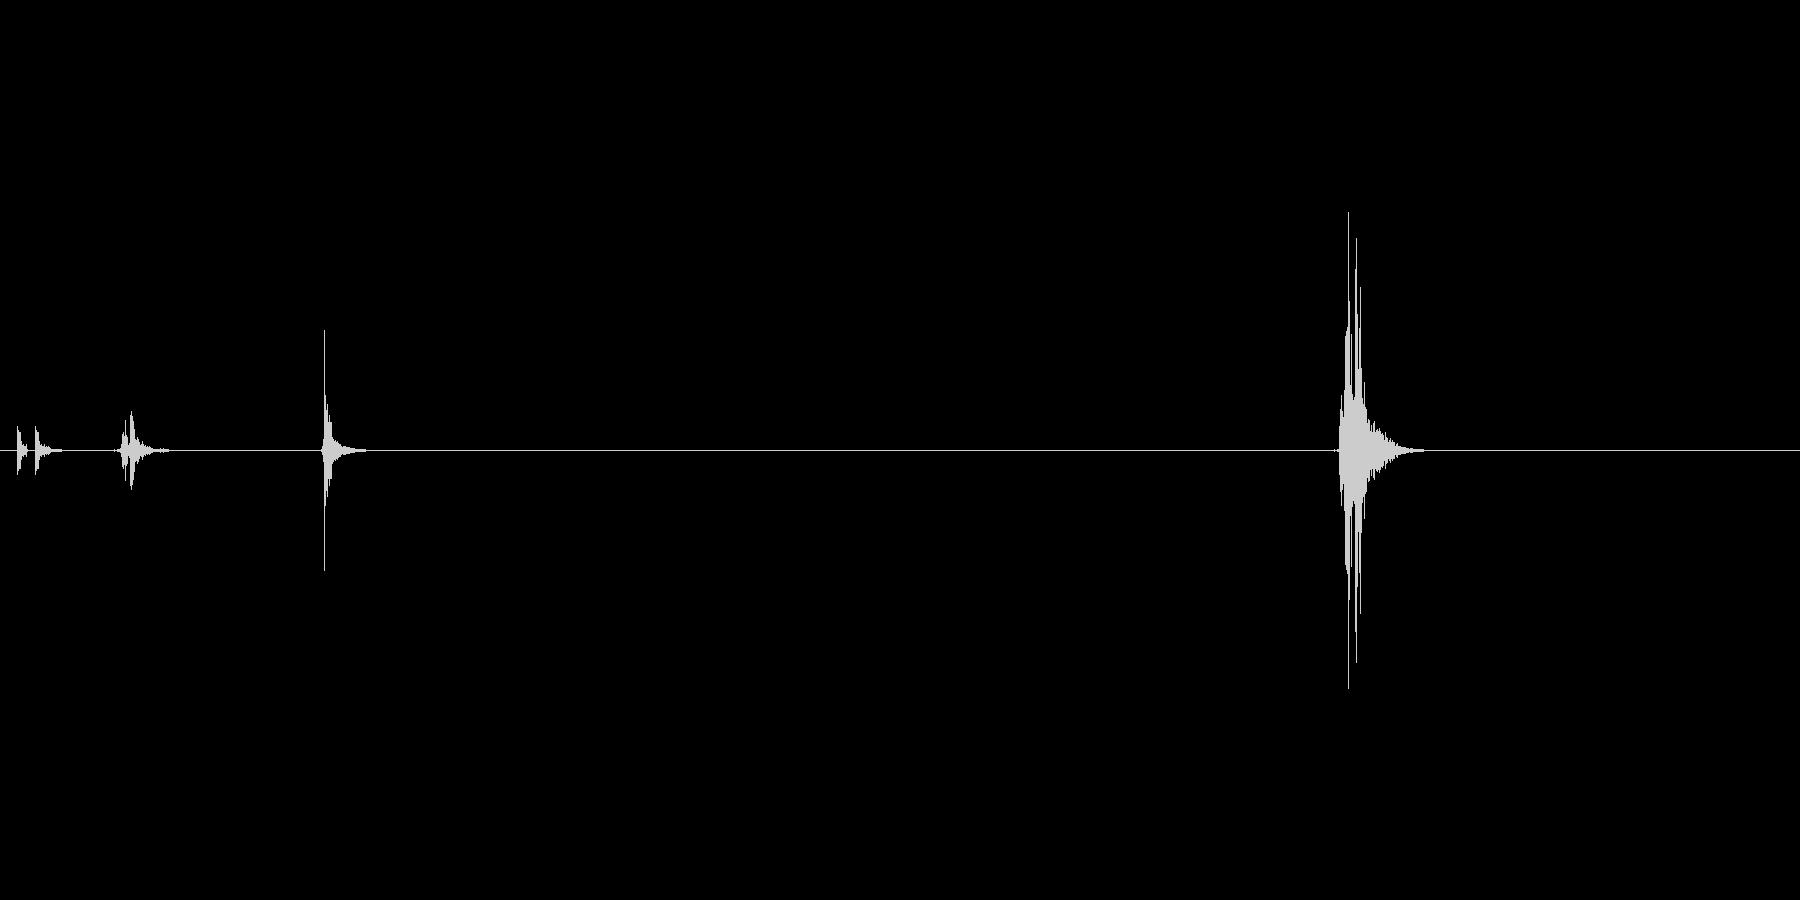 ハンドガン、マグナムタイプ。シリンダー…の未再生の波形